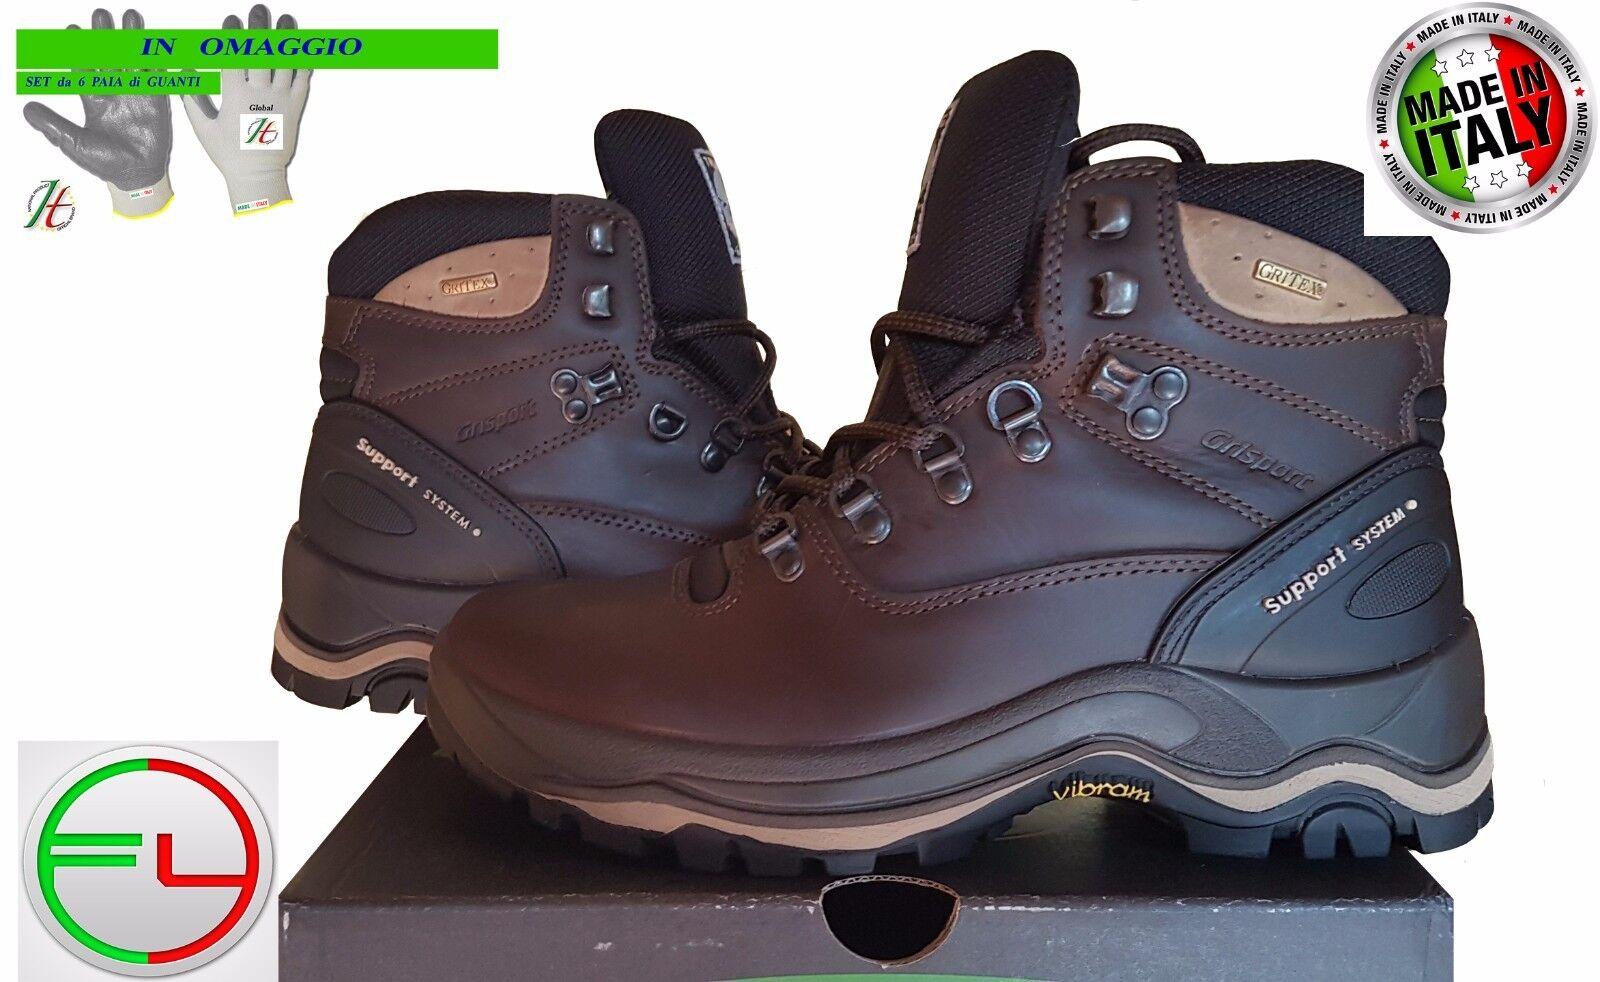 Promozione Occasioni Speciali eBay.it Scarponi Scarpe Scarpa Trekking Grisport 11205 Sportiva Escursioni Caccia